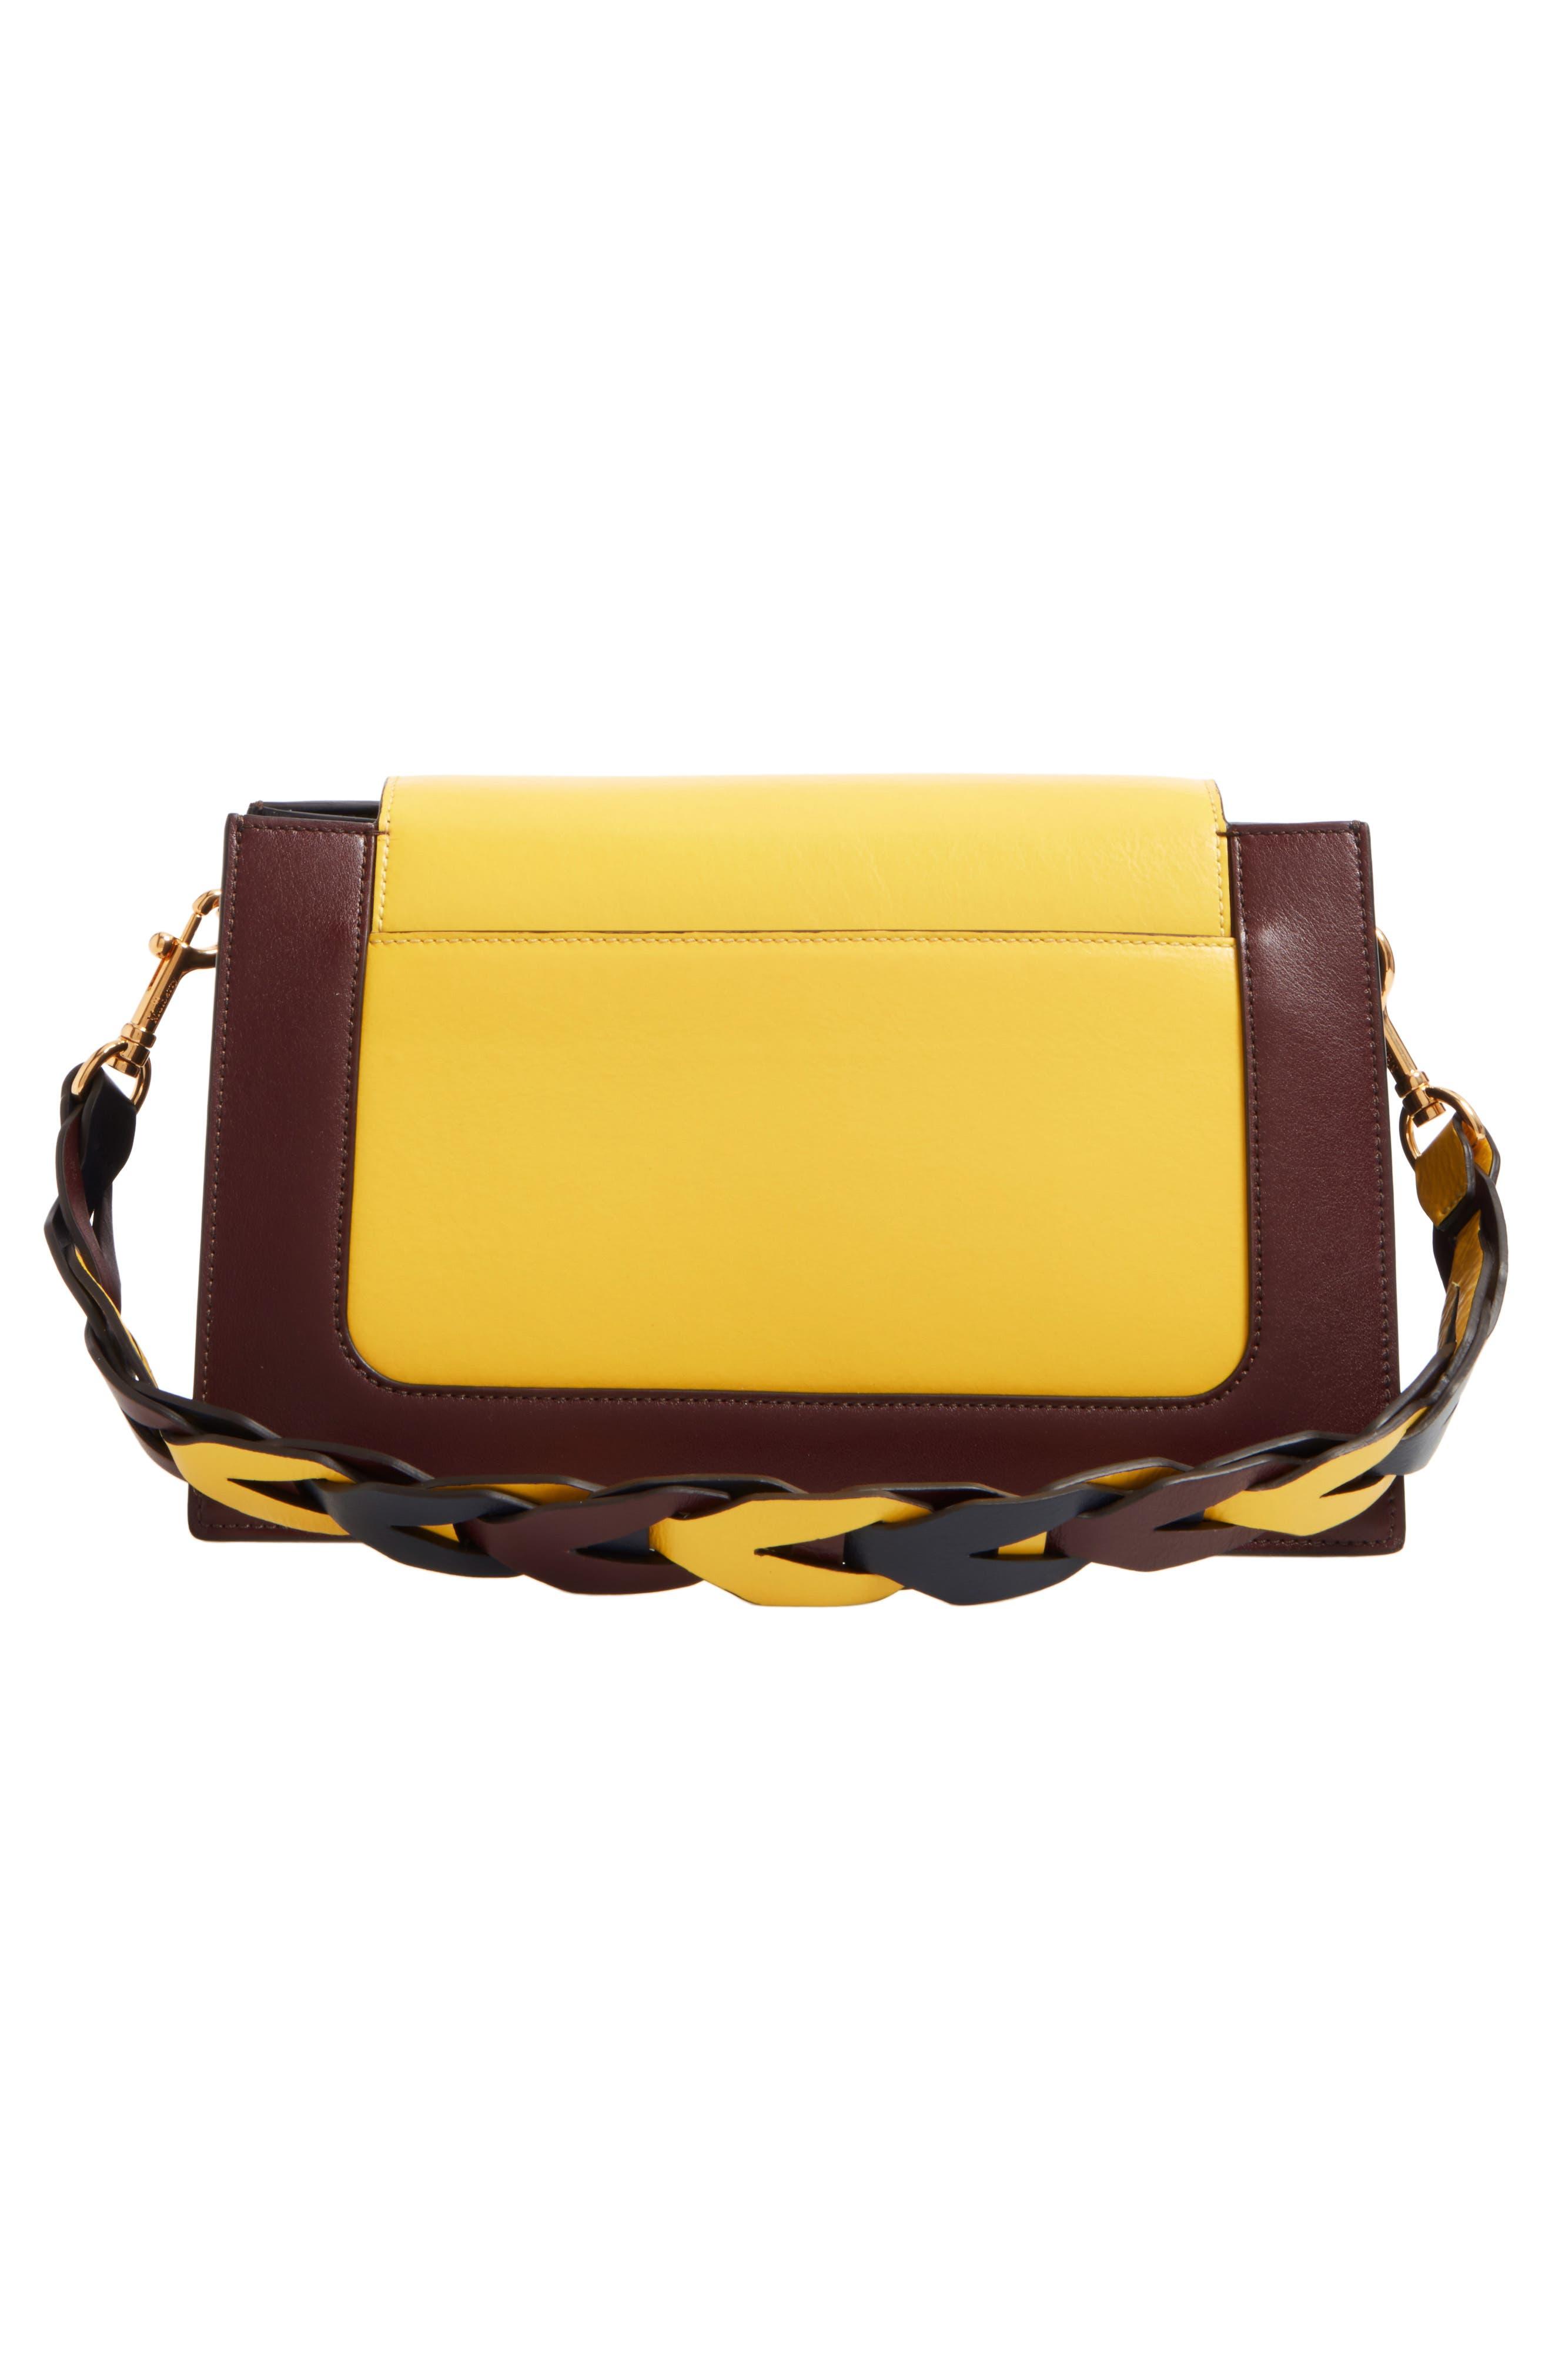 Alternate Image 3  - Mulberry Pembroke Color Block Leather Shoulder Bag